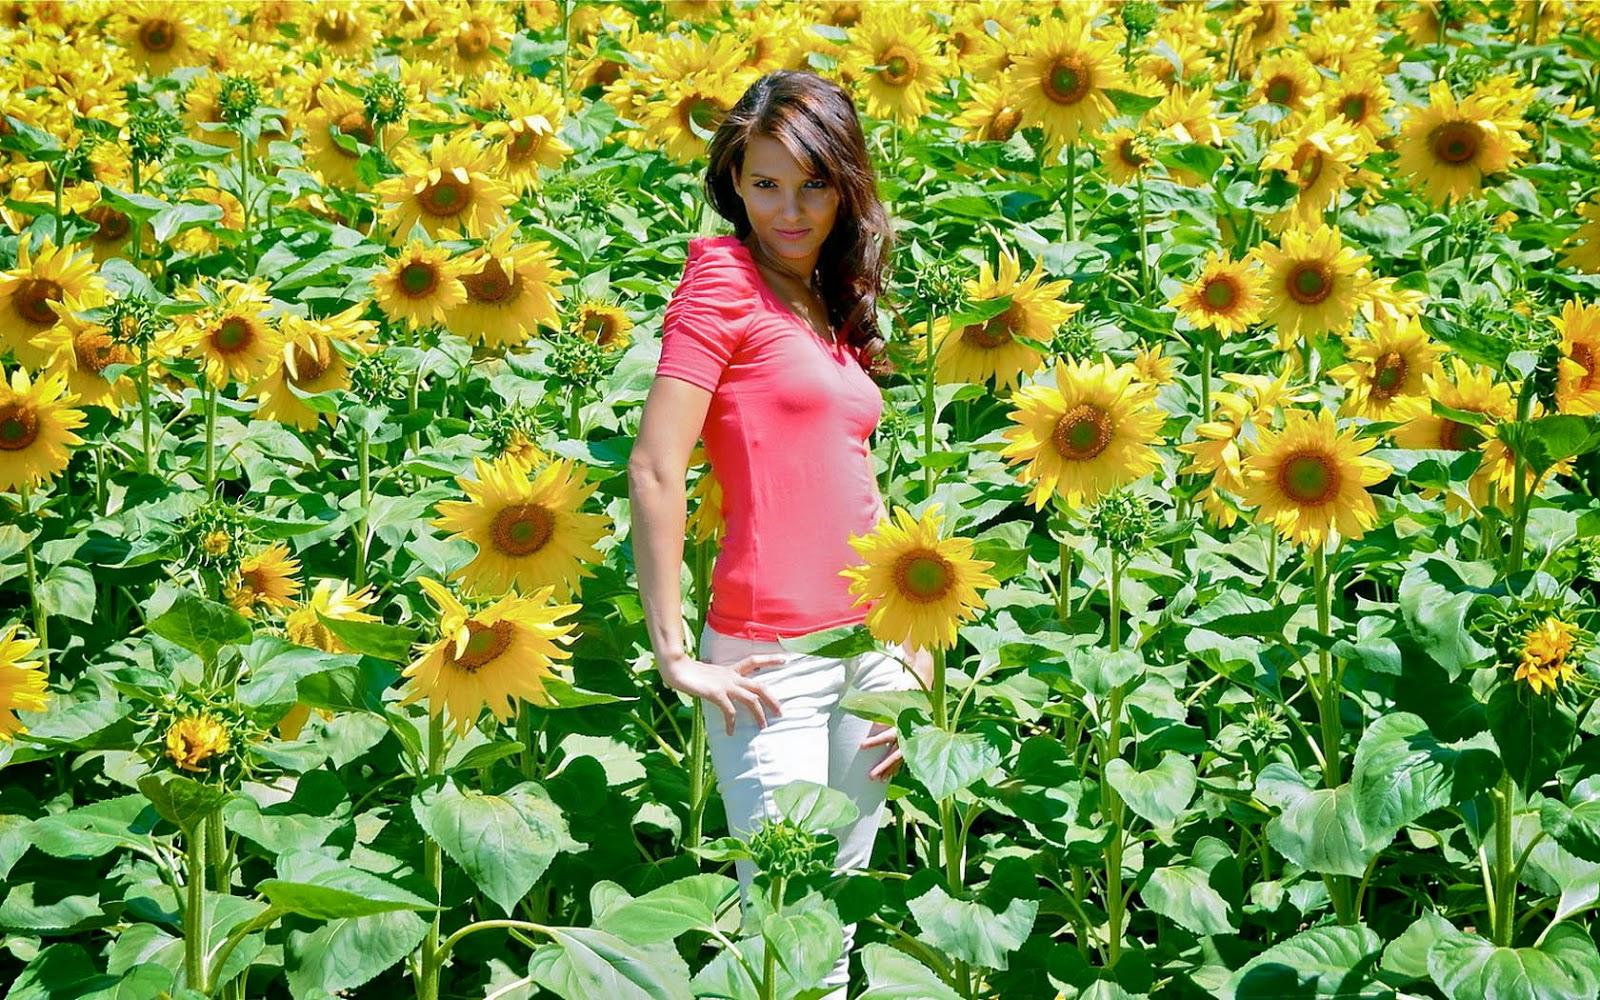 Vrouw tussen de zonnenbloemen